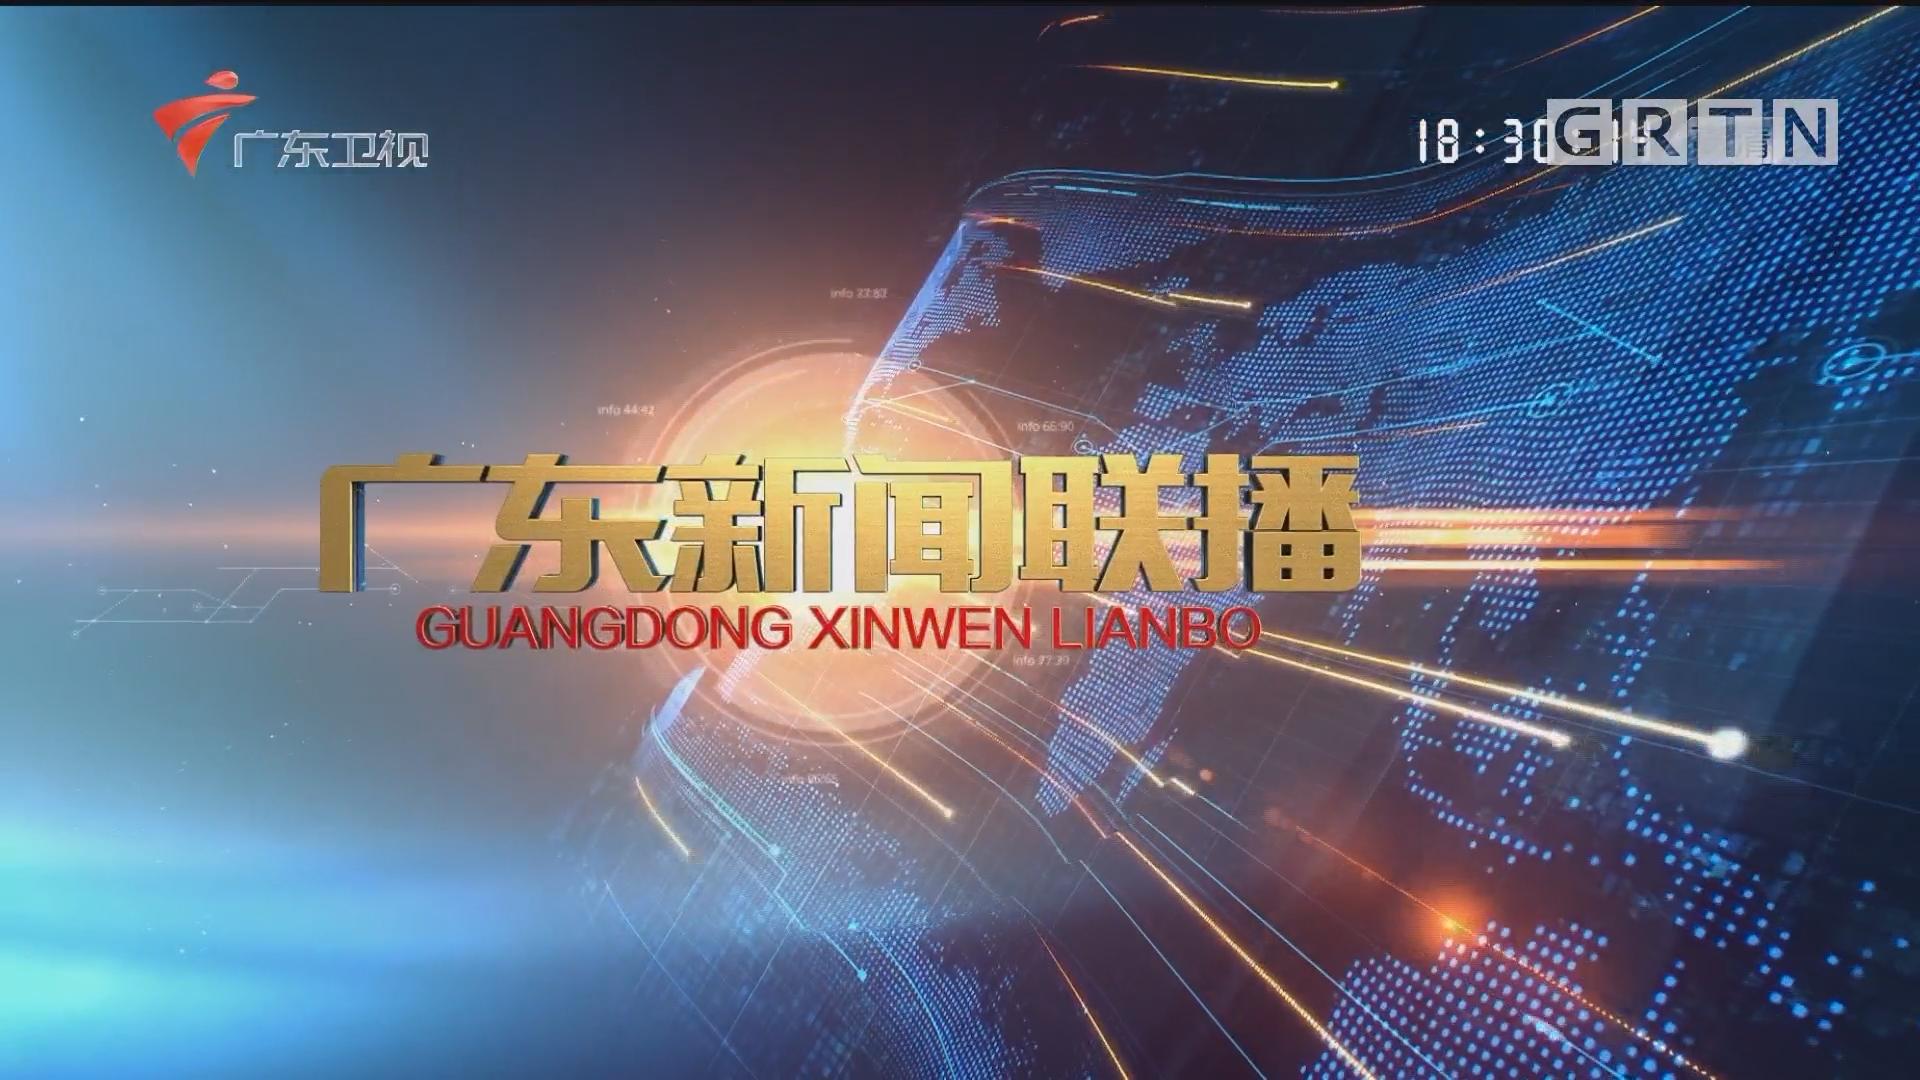 [HD][2017-10-11]广东新闻联播:珠海横琴:深化粤港澳合作 相互促进 互利共赢